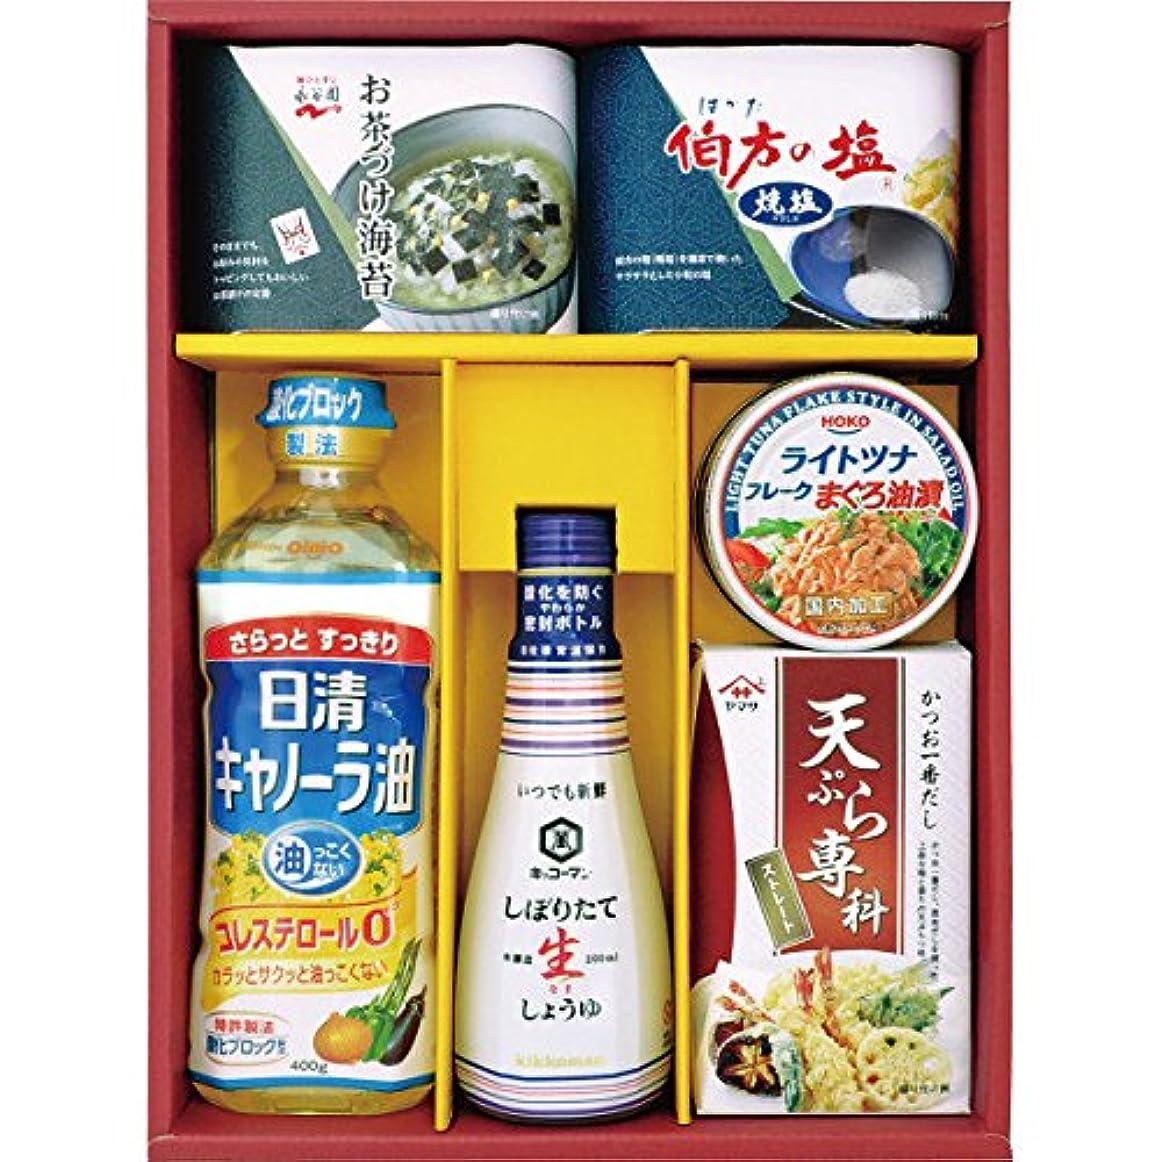 忠実に複合リア王調味料セレクトギフト B189-02